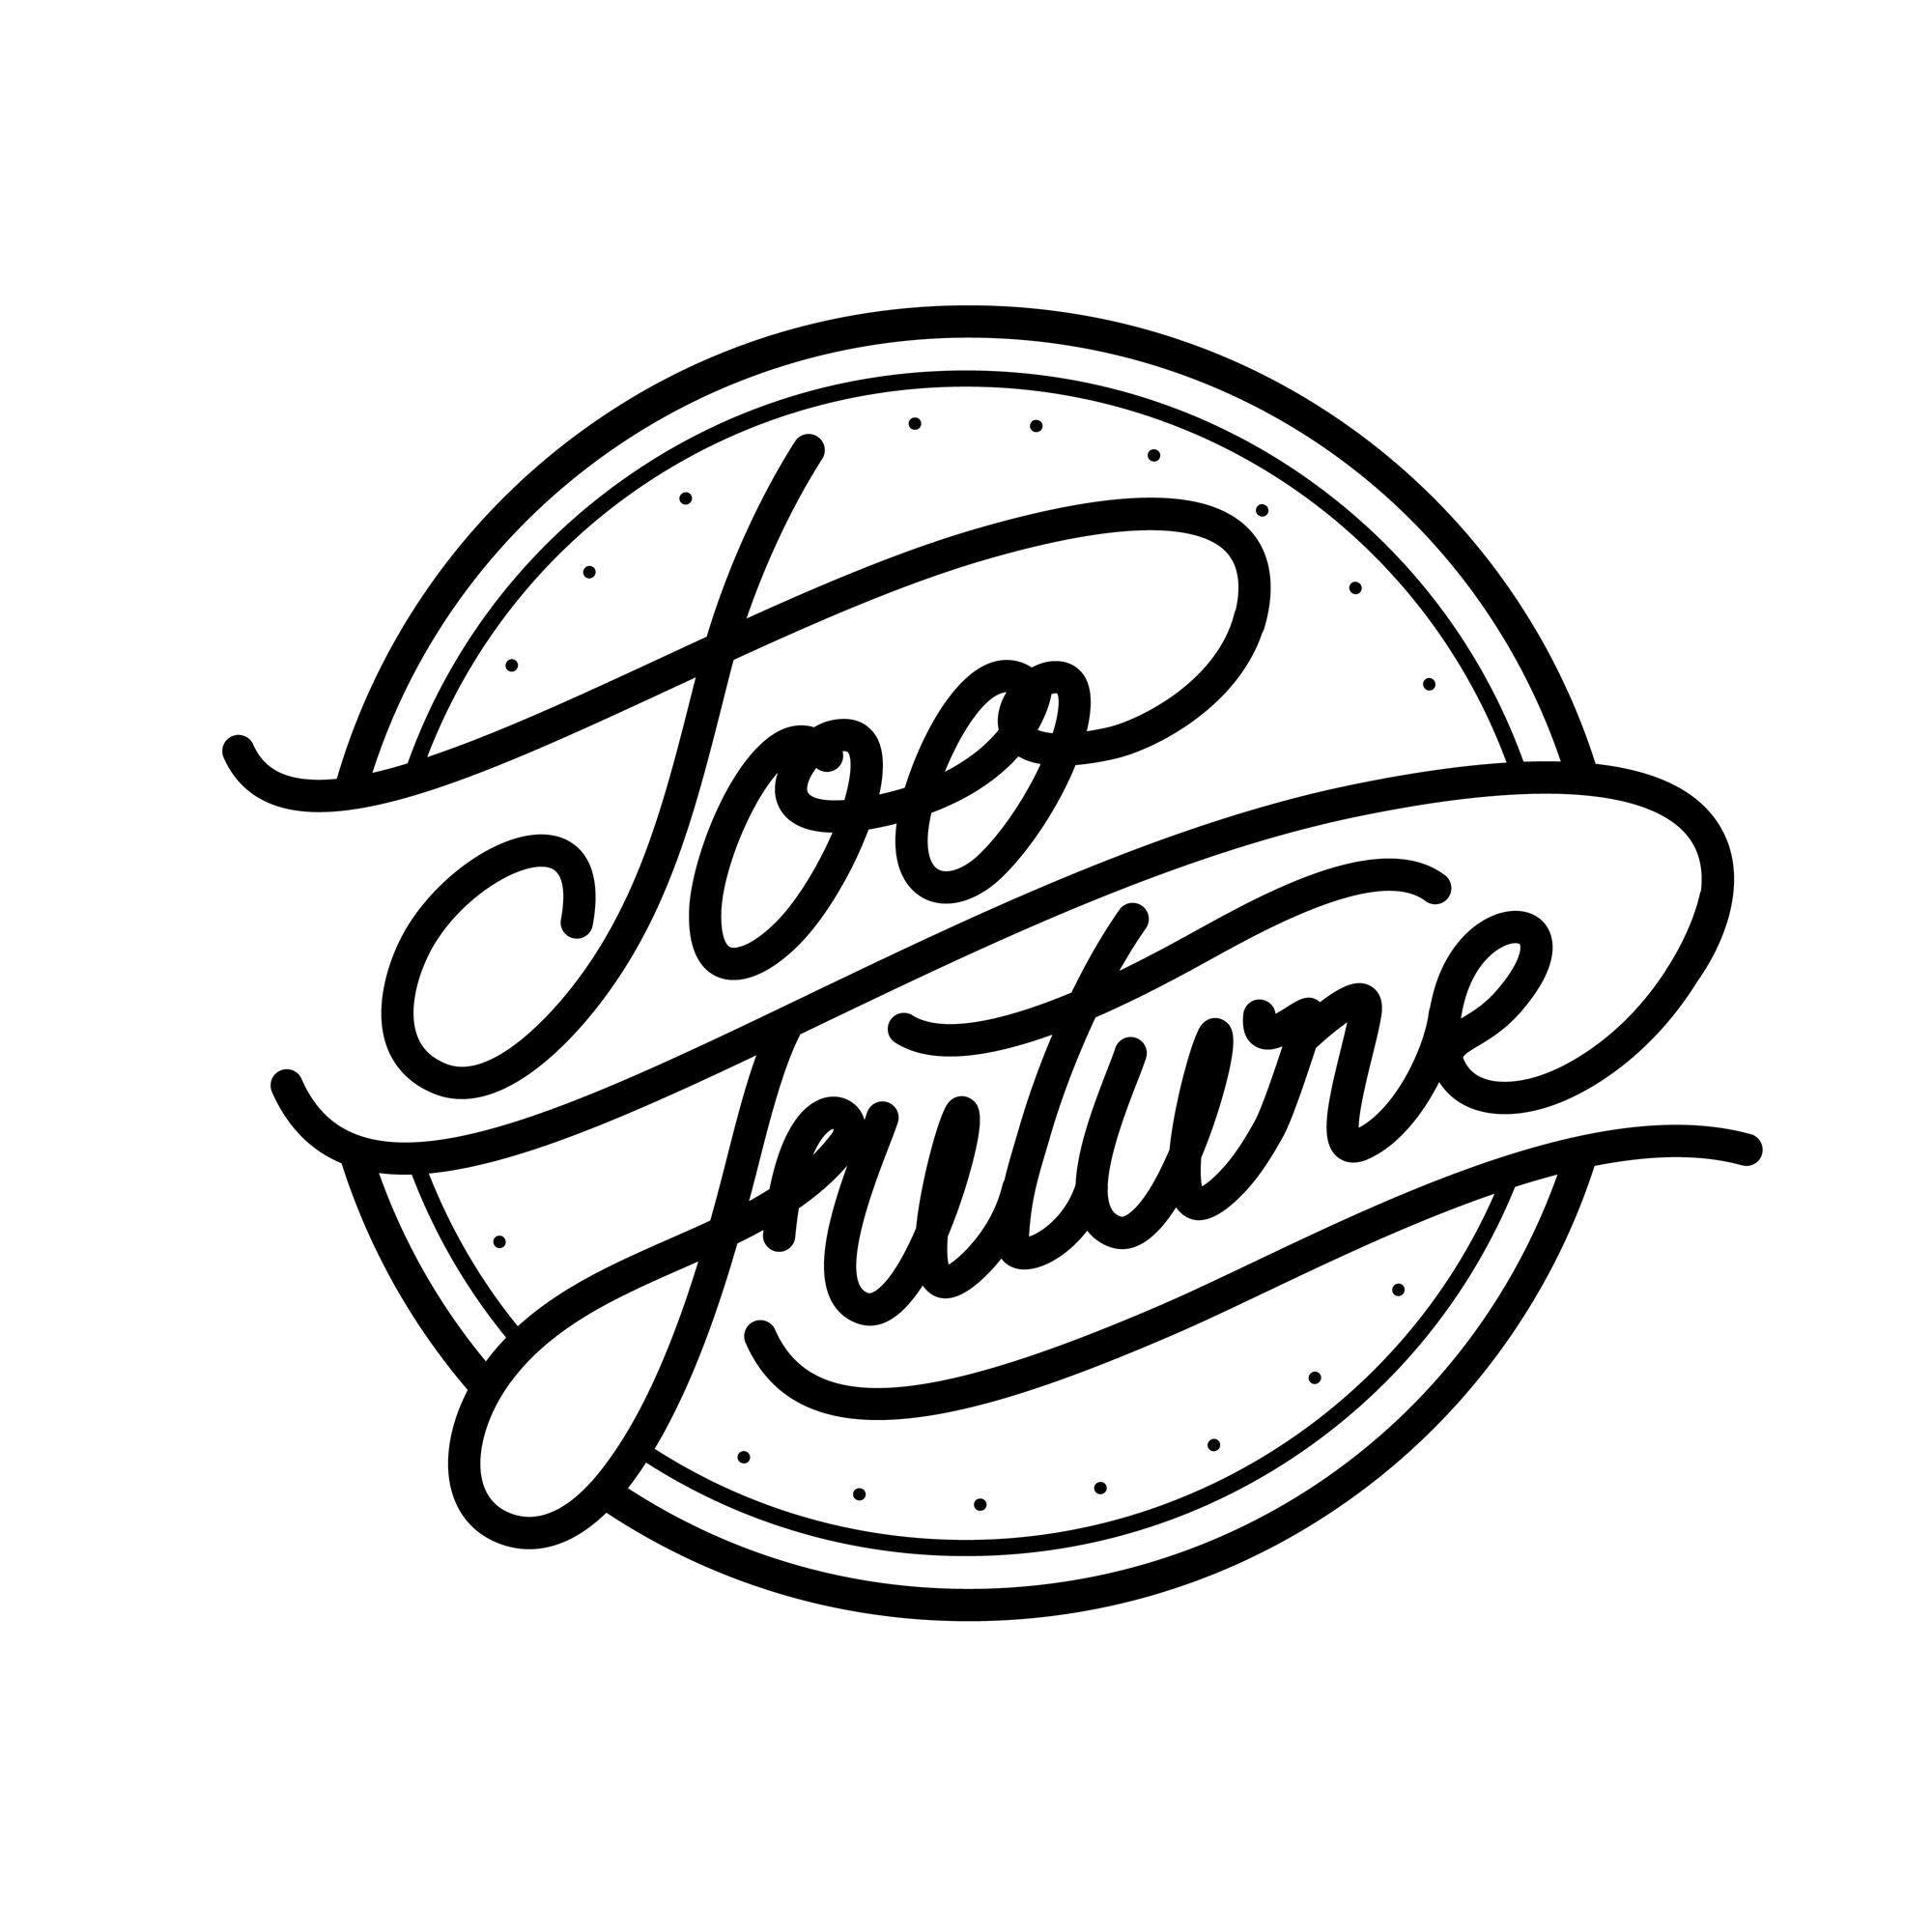 Too Future. Thursdays Vol. 171